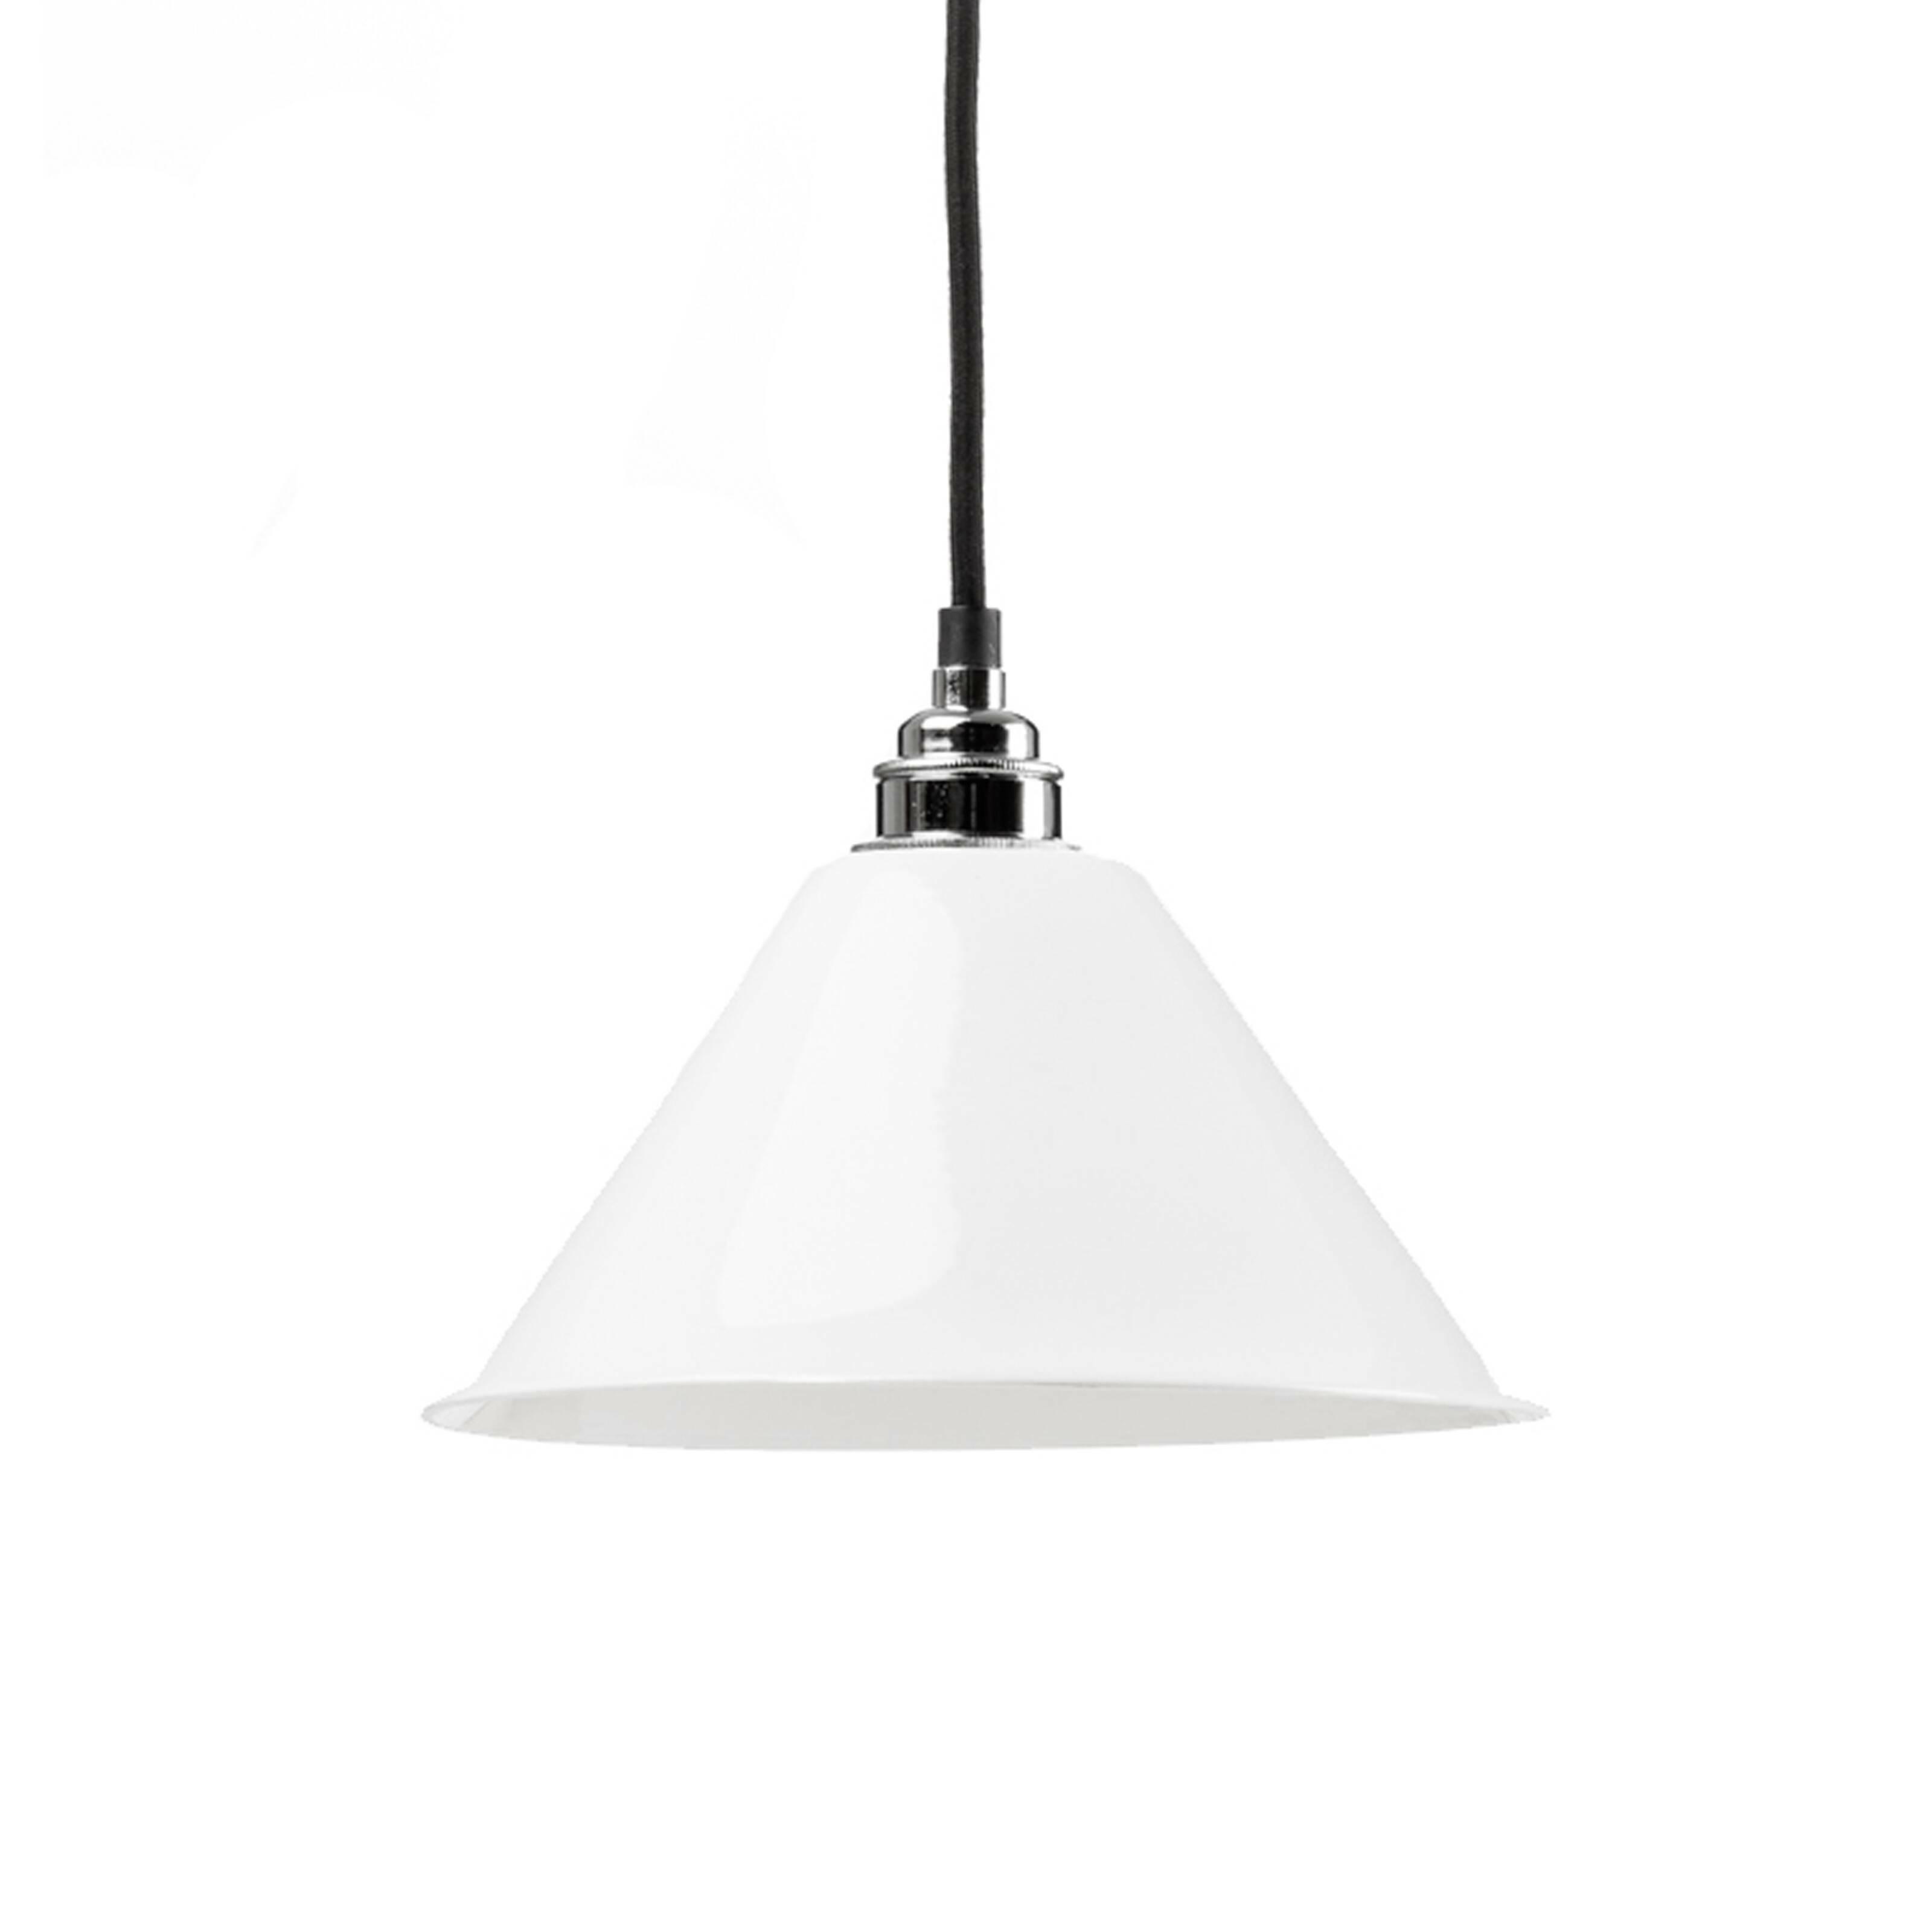 Подвесной светильник Task керамическийПодвесные<br>Подвесной светильник Task керамический — это классический подвесной британский светильник из фарфора цвета слоновой кости. Он прекрасно обеспечивает зонированное освещение именно там, где это необходимо.<br><br><br><br> Подвесные светильники Task от Original BTC удобны, обладают элегантностью и доступной ценой. Строгая классика консервативных линий и форм мгновенно сделала их неотъемлемыми элементами шикарных интерьеров. Нередко в коллекциях BTC угадываются черты концептуального дизайна 1940-х ...<br><br>stock: 2<br>Высота: 16<br>Ширина: 22,5<br>Материал абажура: Керамика<br>Материал арматуры: Металл<br>Мощность лампы: 60<br>Ламп в комплекте: Нет<br>Напряжение: 220<br>Тип лампы/цоколь: E27<br>Цвет абажура: Белый